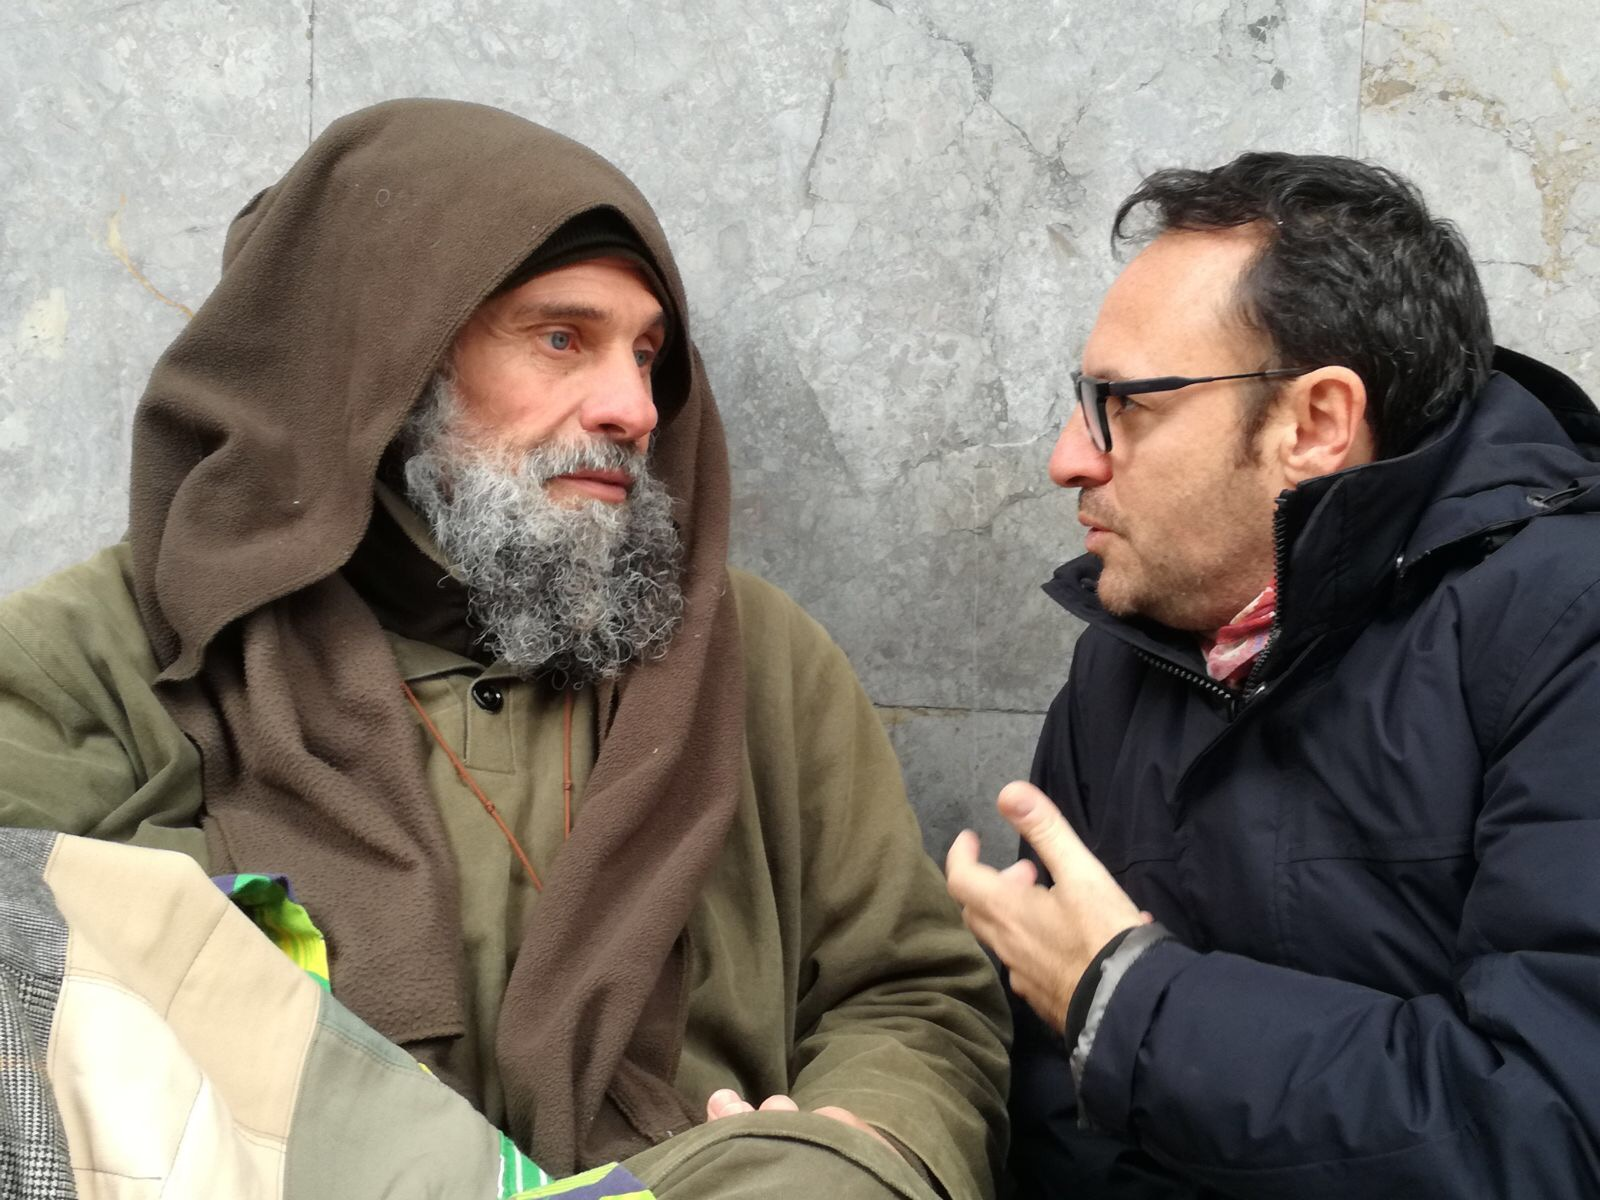 Biagio Conte e l'On Figuccia manifestano contro la povertà